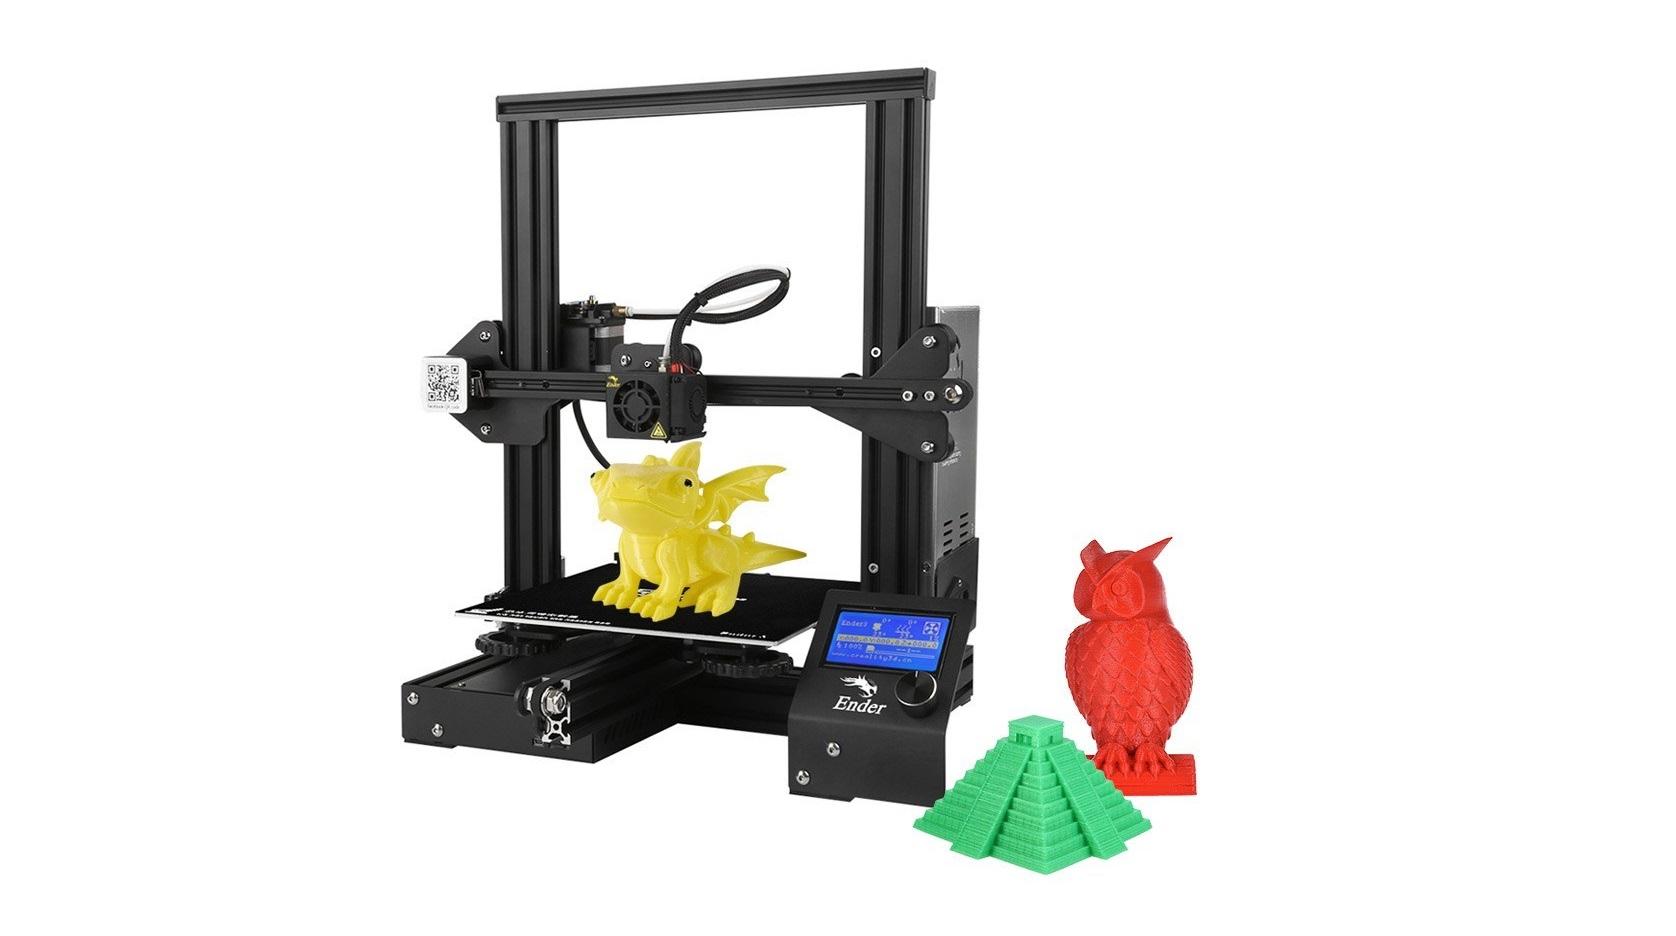 3D tiskárna Creality Ender-3 nyní v akci na Aliexpressu [sponzorovaný článek]